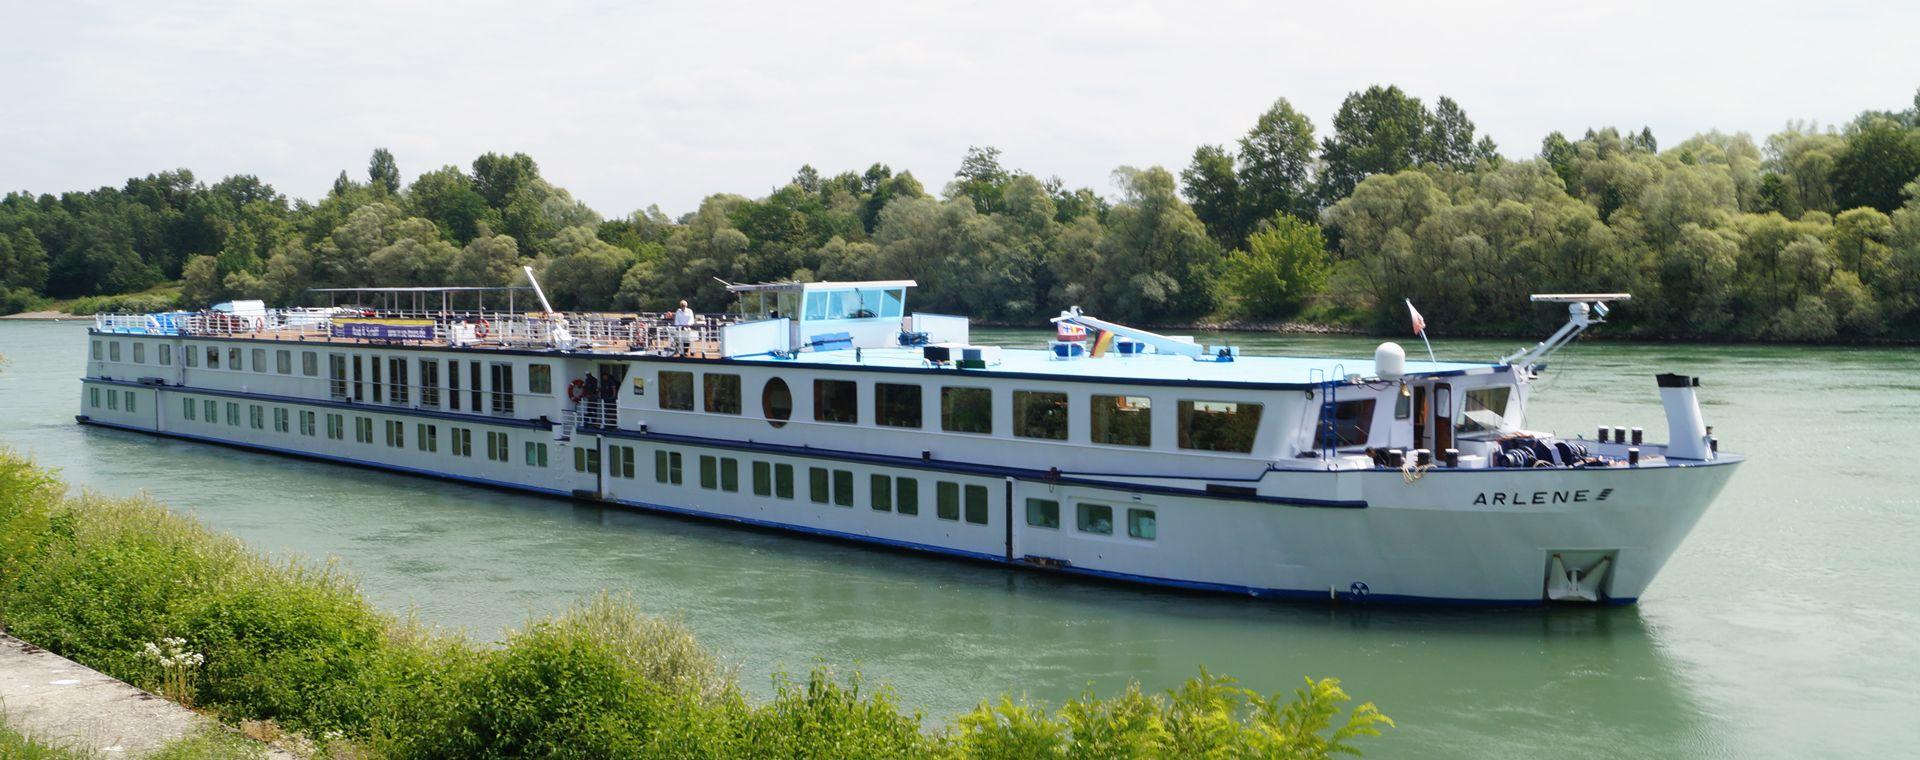 Voyage à thème : Festival de la Loreley « Rhein in Flammen » à bord du MS Arlene II